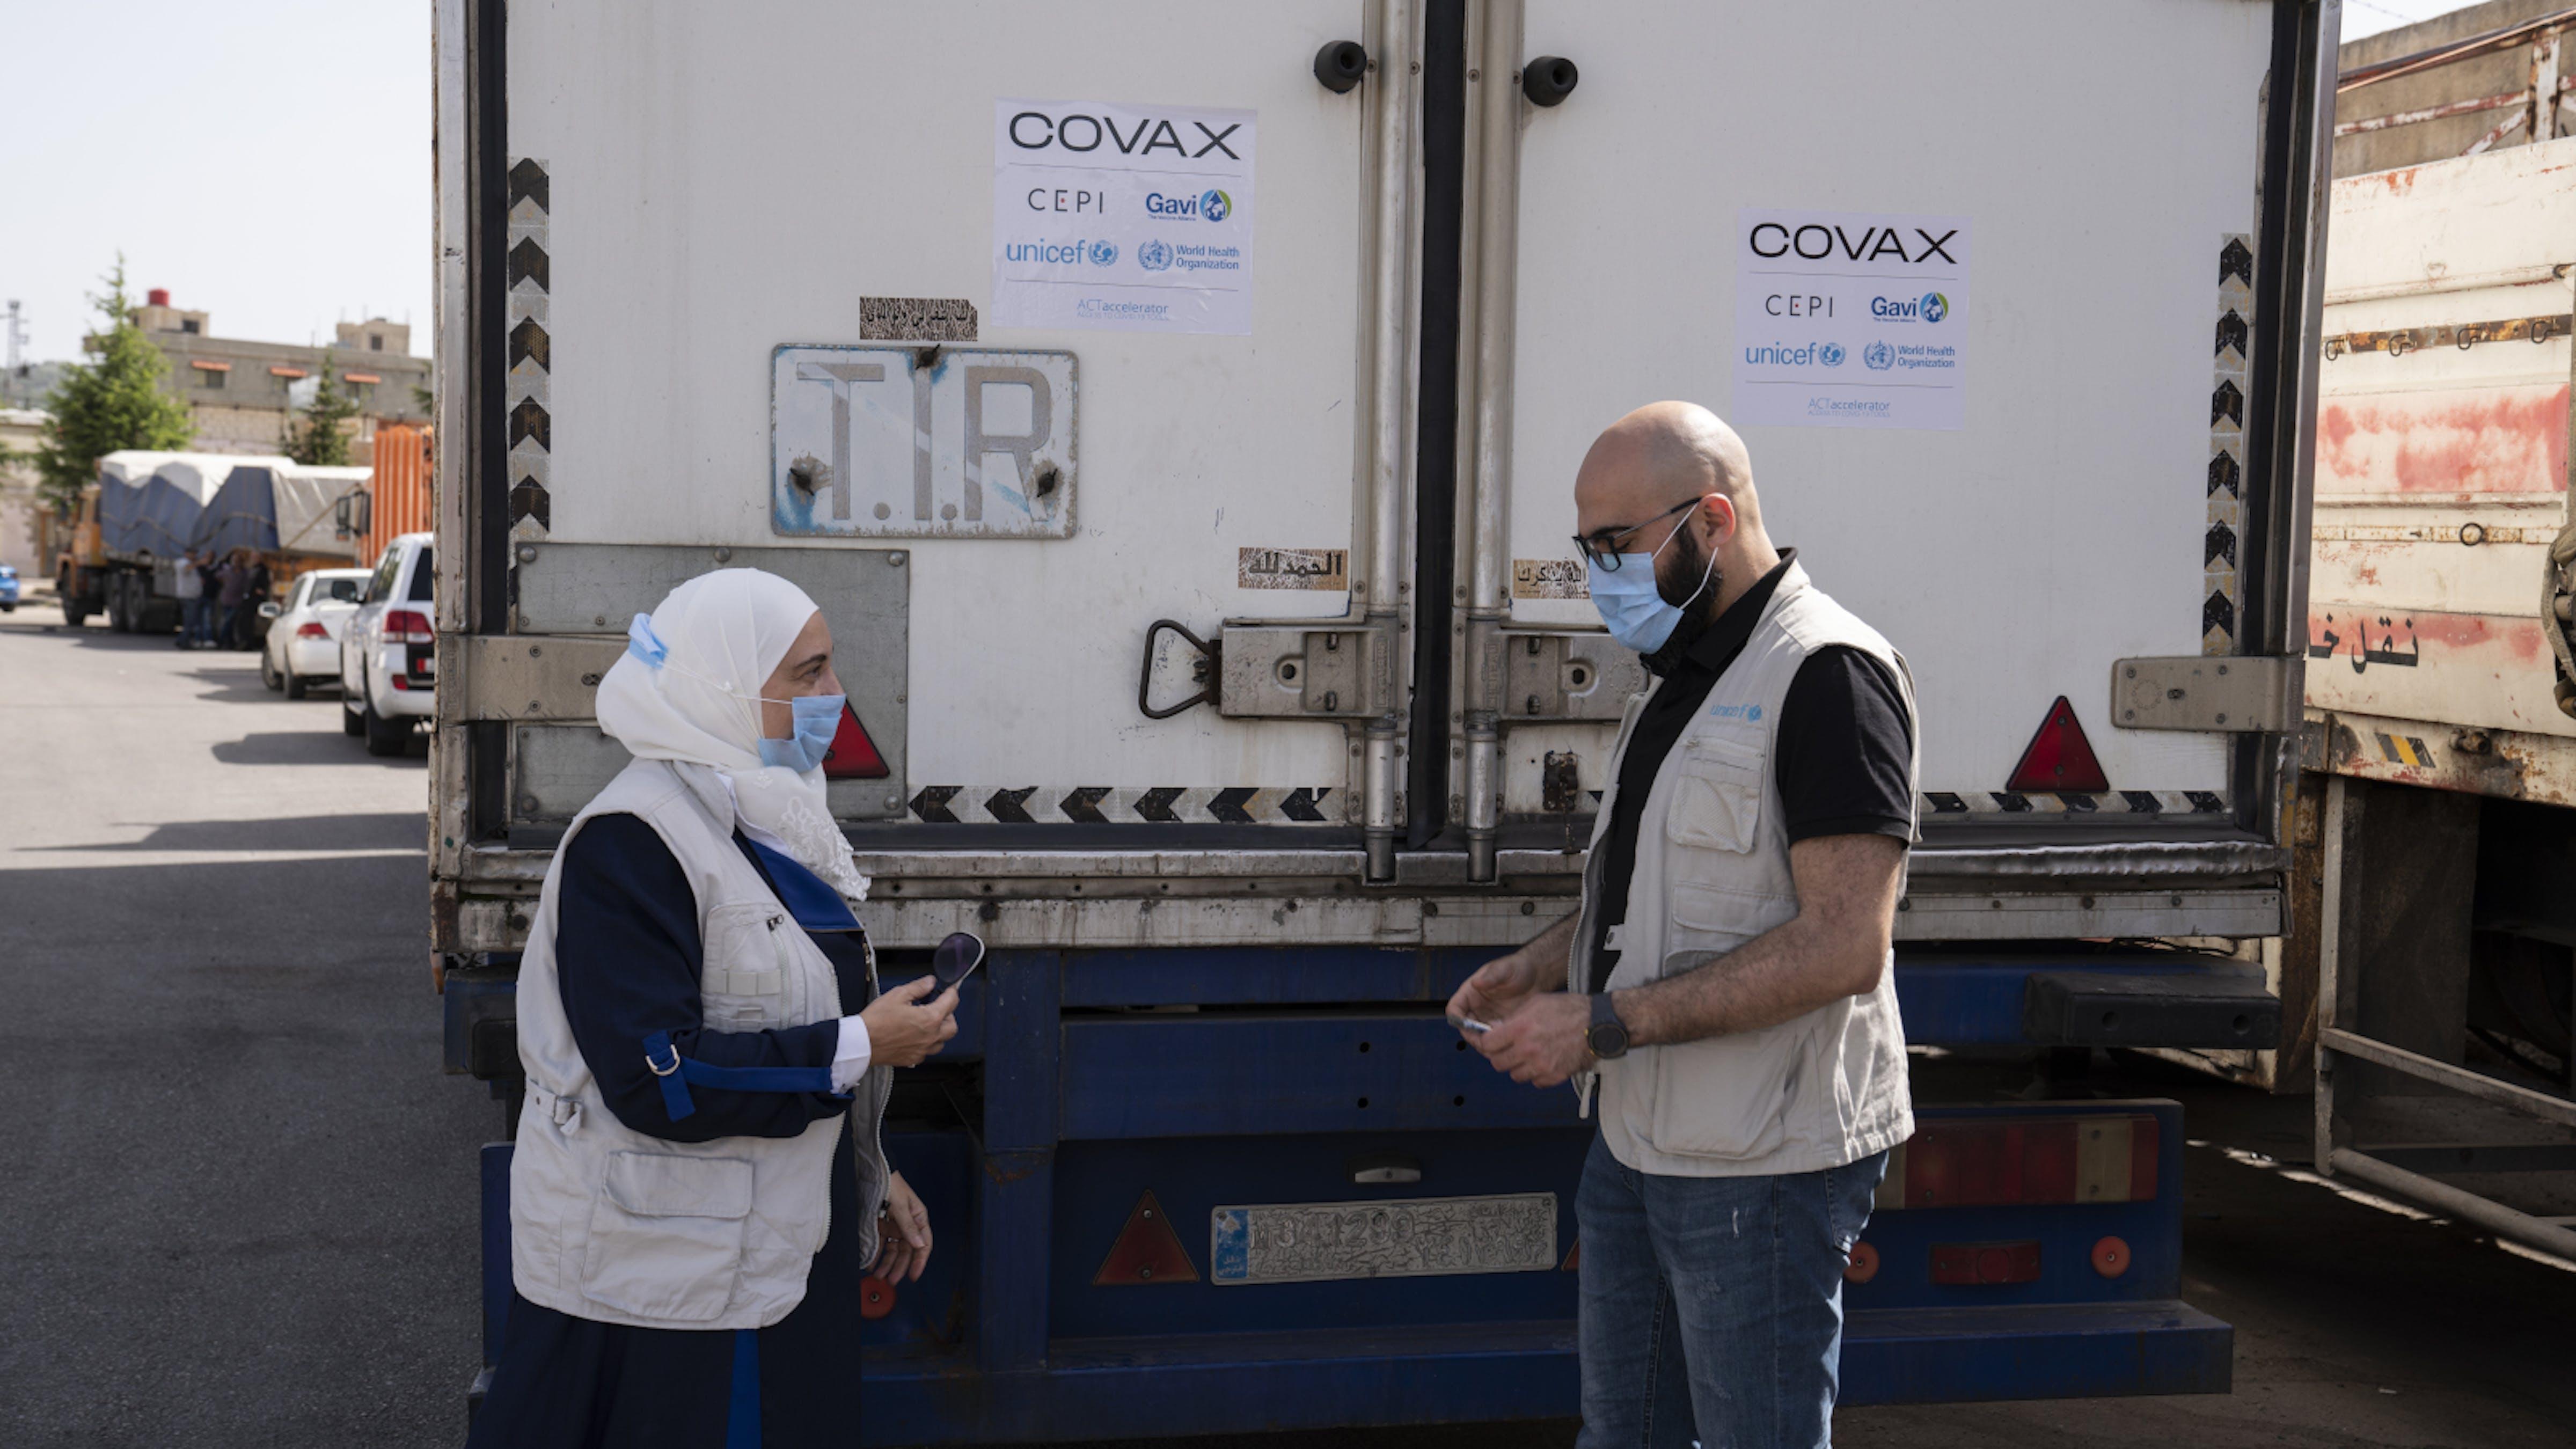 Siria, staff UNICEF all'arrivo dei camion carichi della prima spedizione di vaccini COVID-19 dalla COVAX Facility